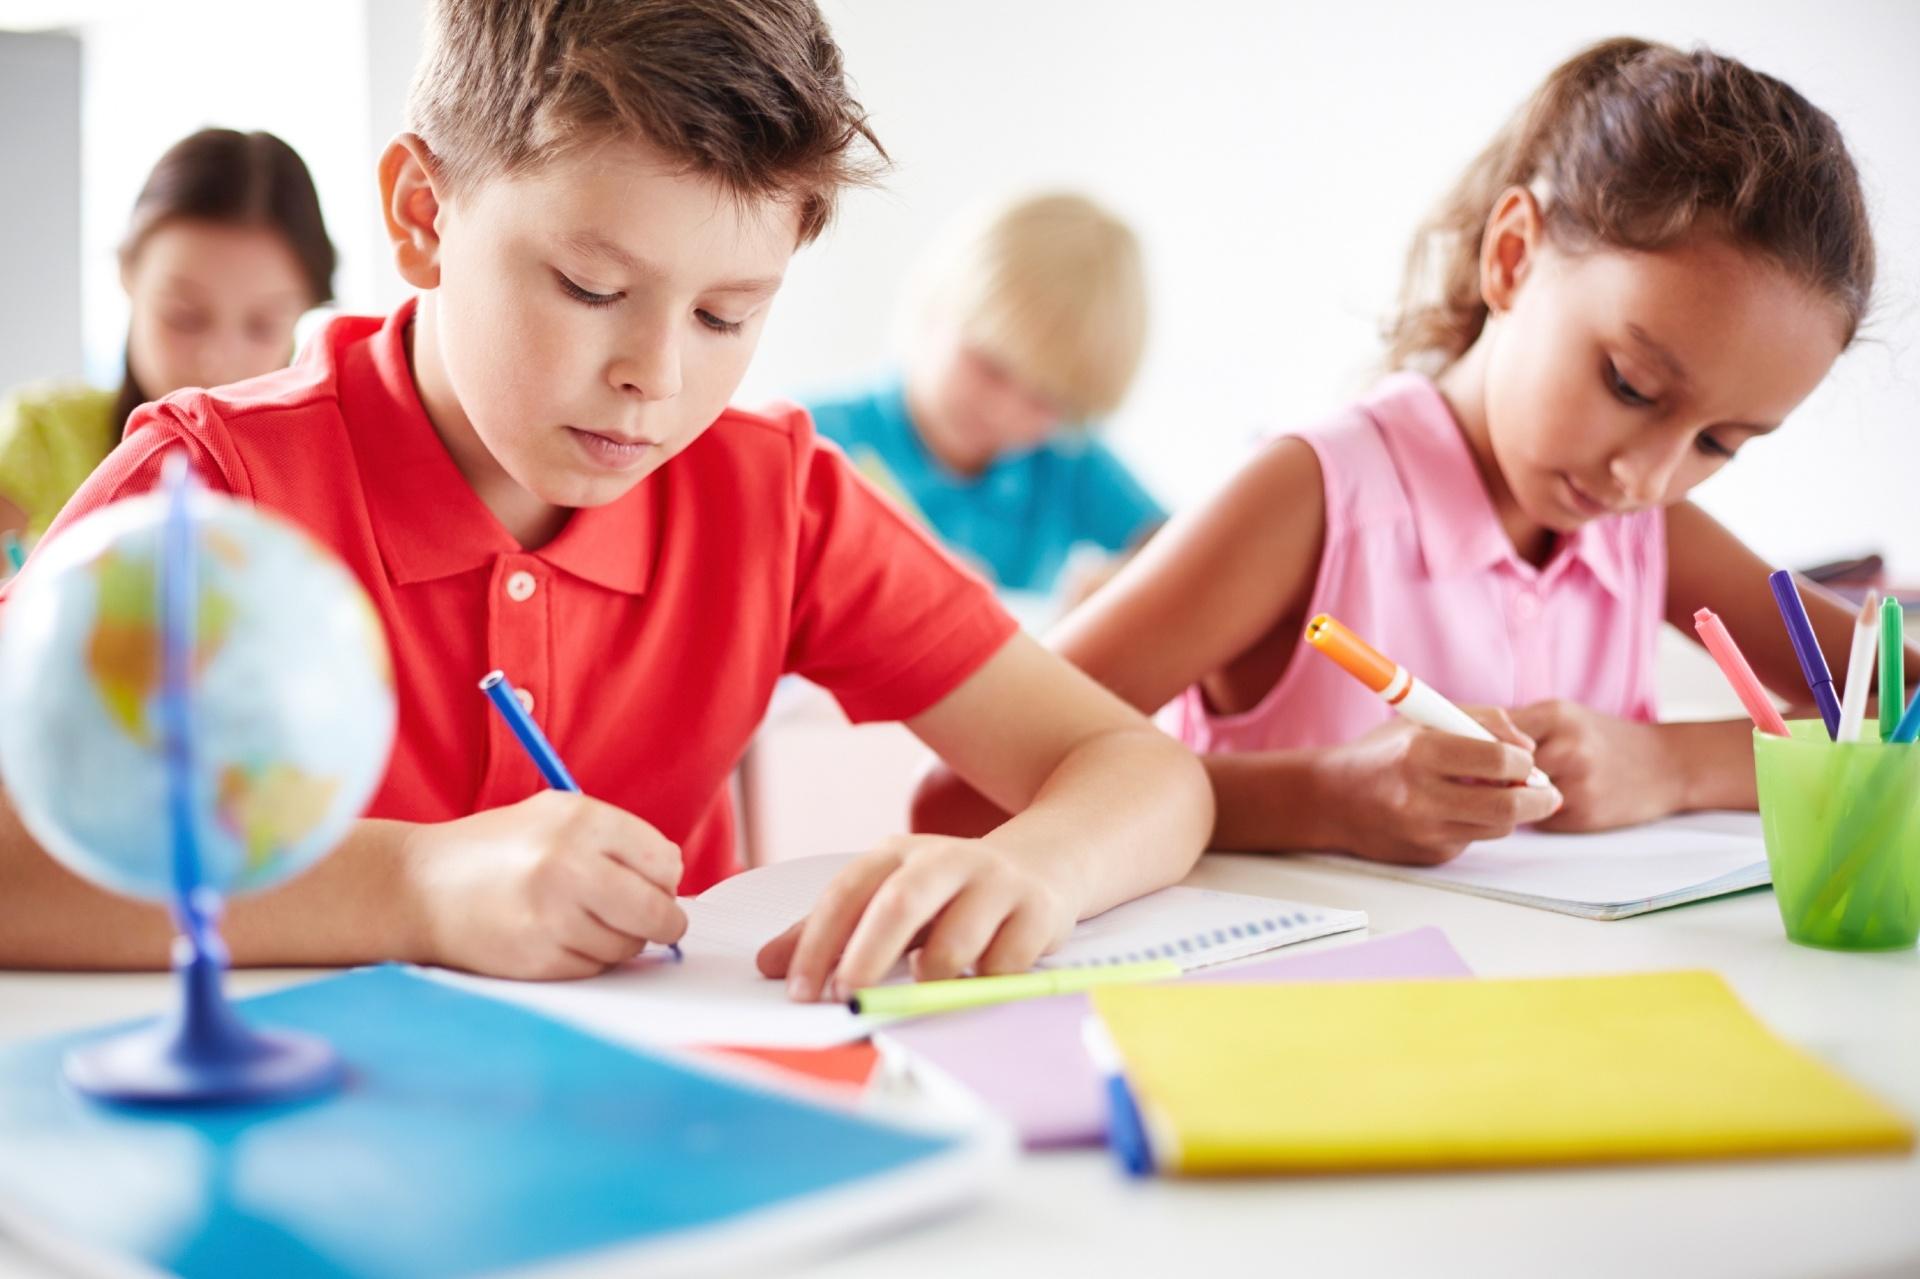 Permuta facilita pagamento de matrículas e mensalidades escolares